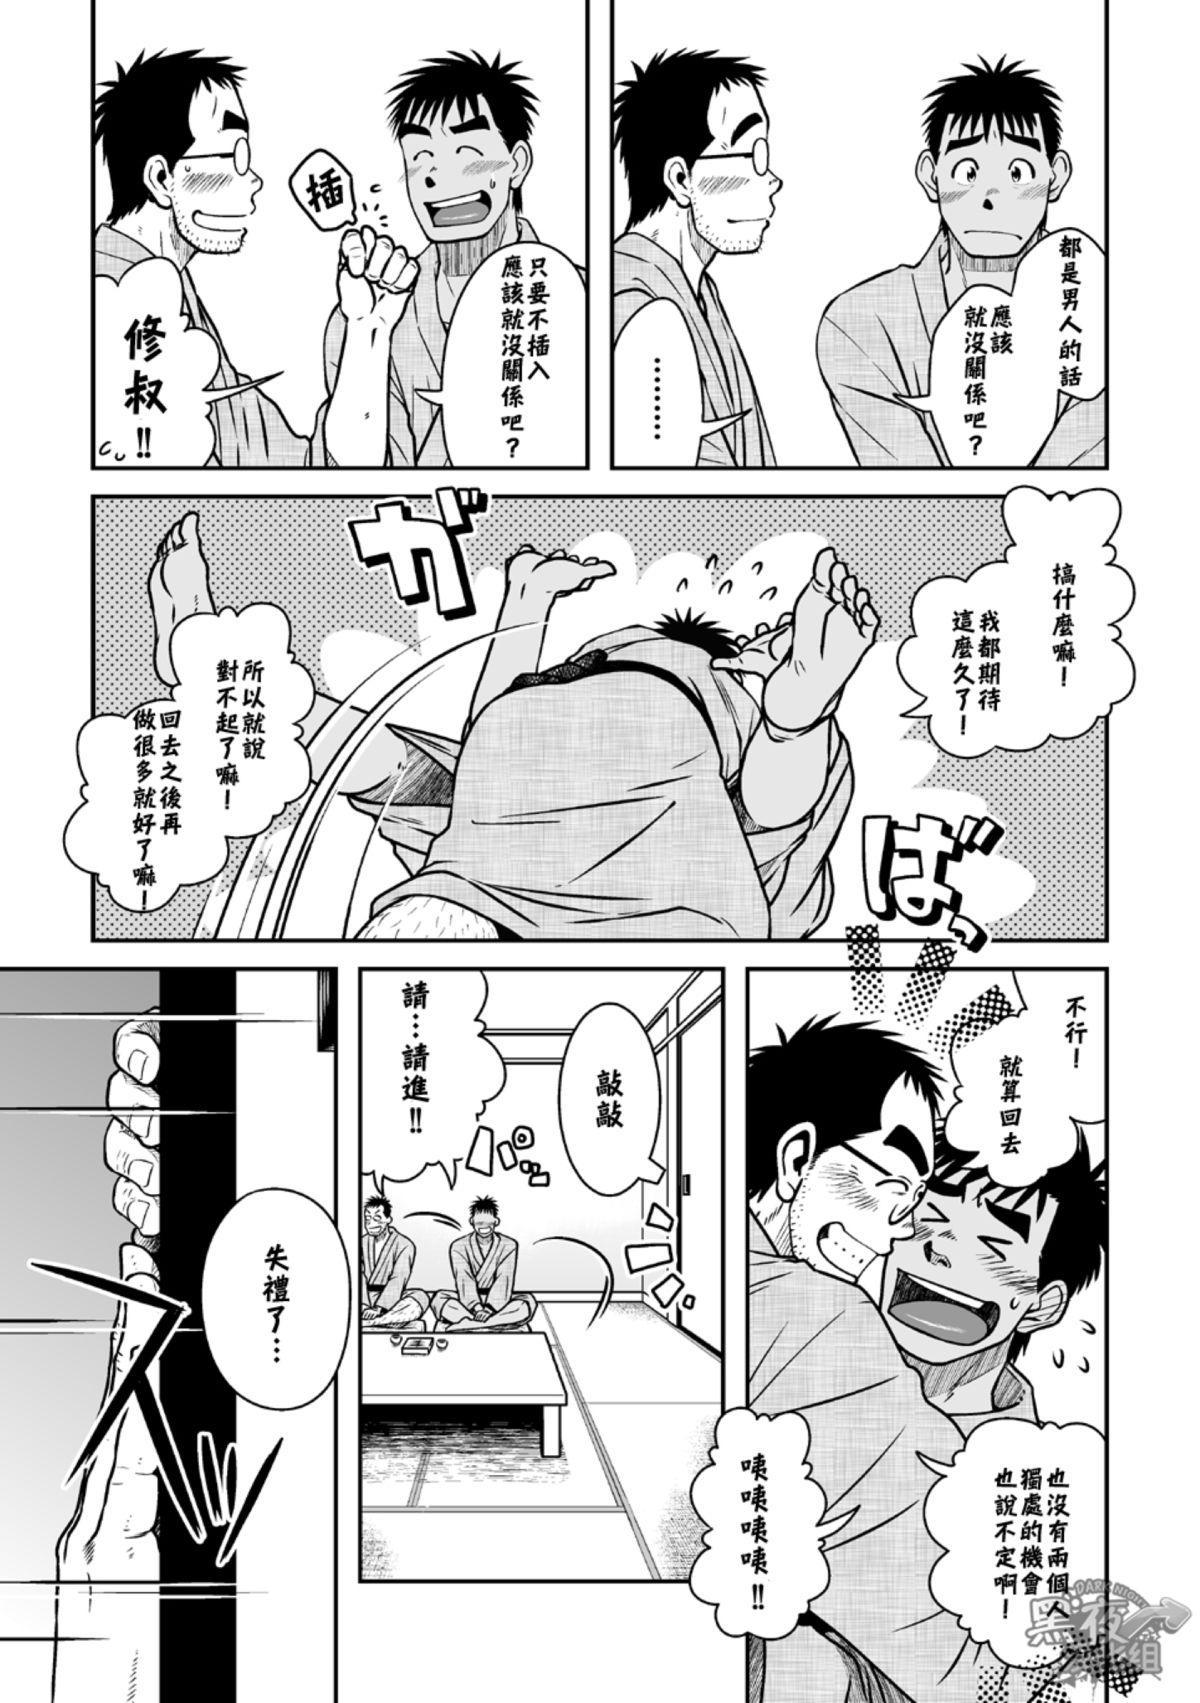 Hatsukoi Shoten 2 - Bururi Kaidan Ryokan | 初戀書店 2 8